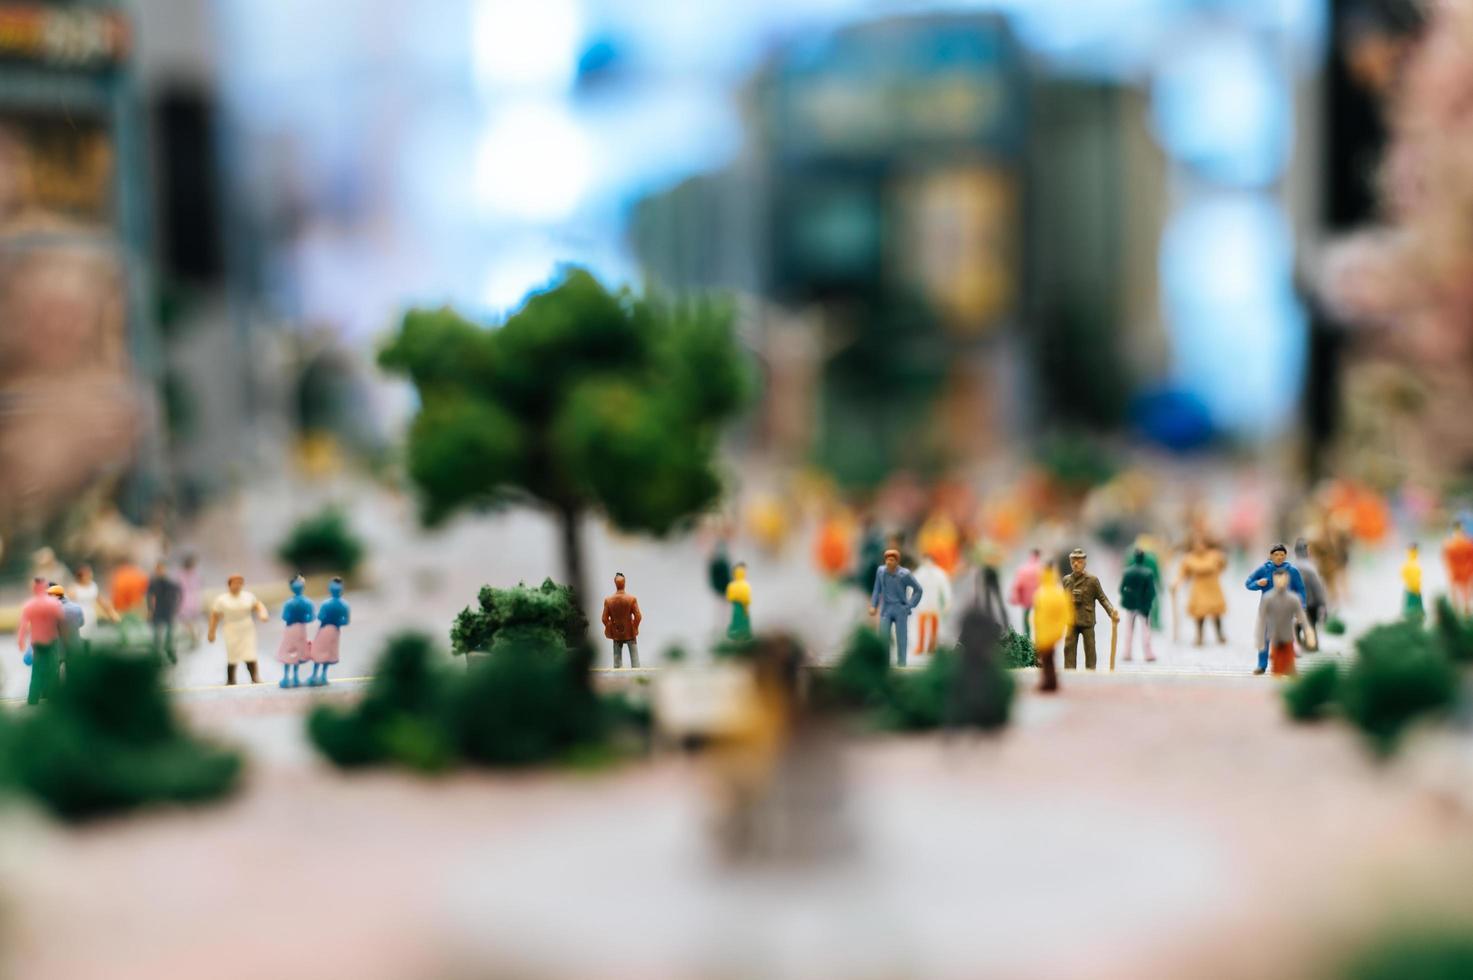 pequeña gente en miniatura en la ciudad foto